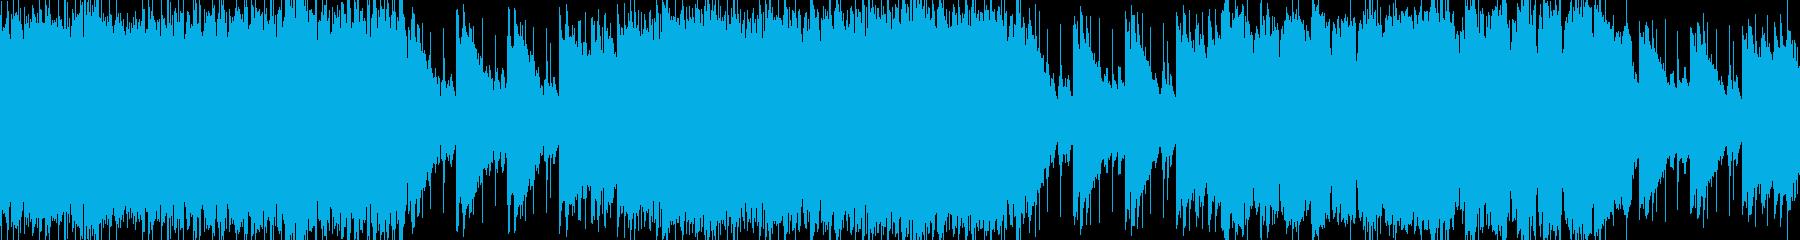 日本の祭(太鼓、琴、笛)【ループ】の再生済みの波形